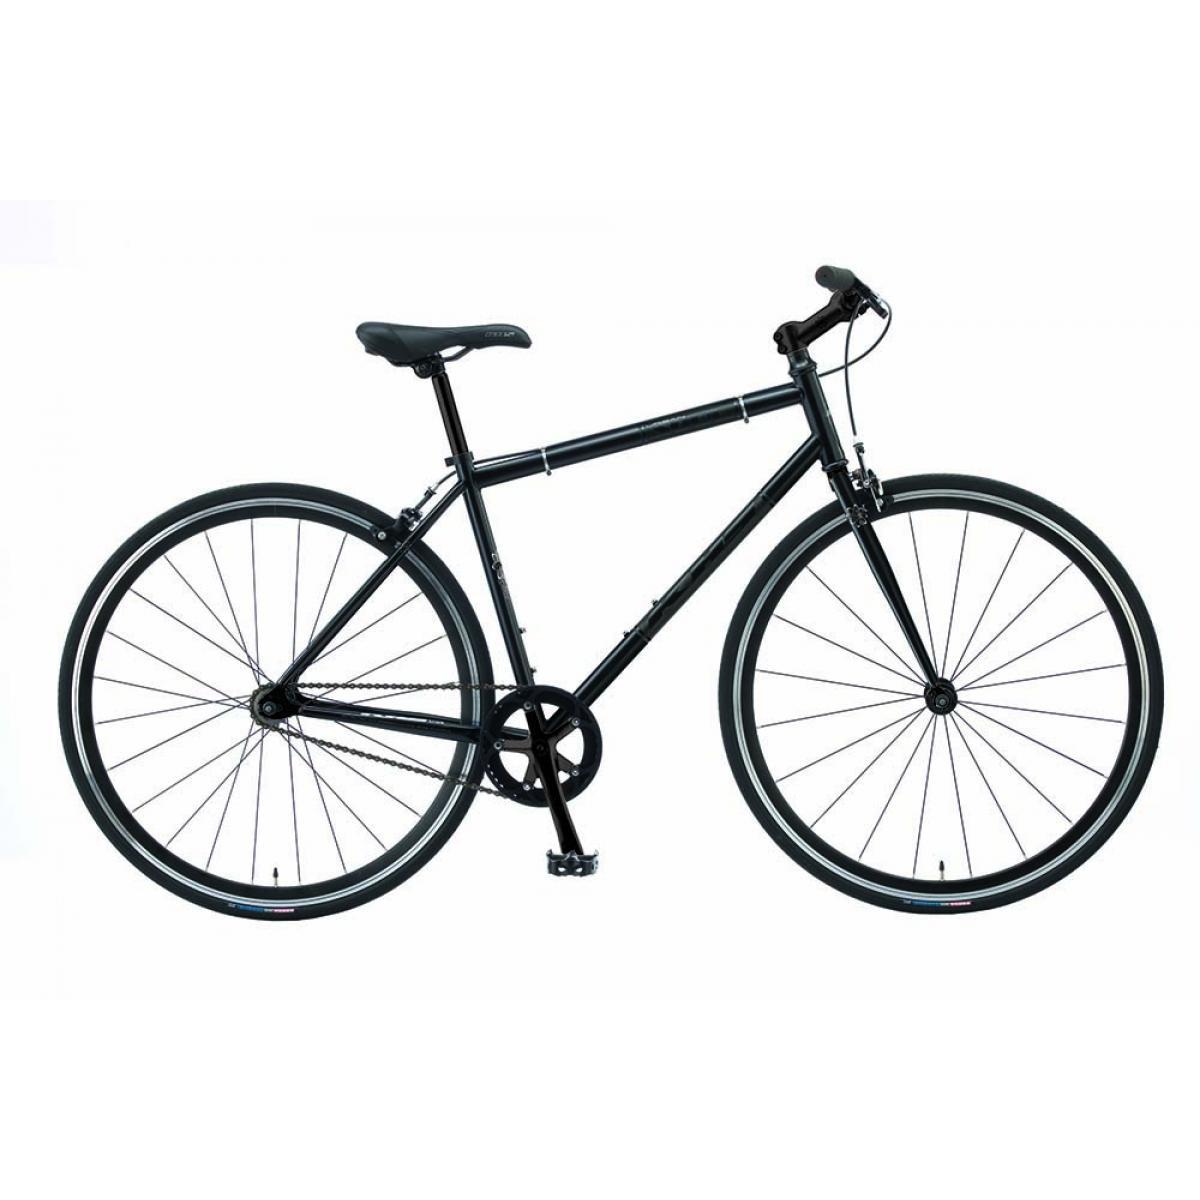 Велосипед городской KHS Urban Soul 2015, цвет: черный, рама 22, колесо 28210406